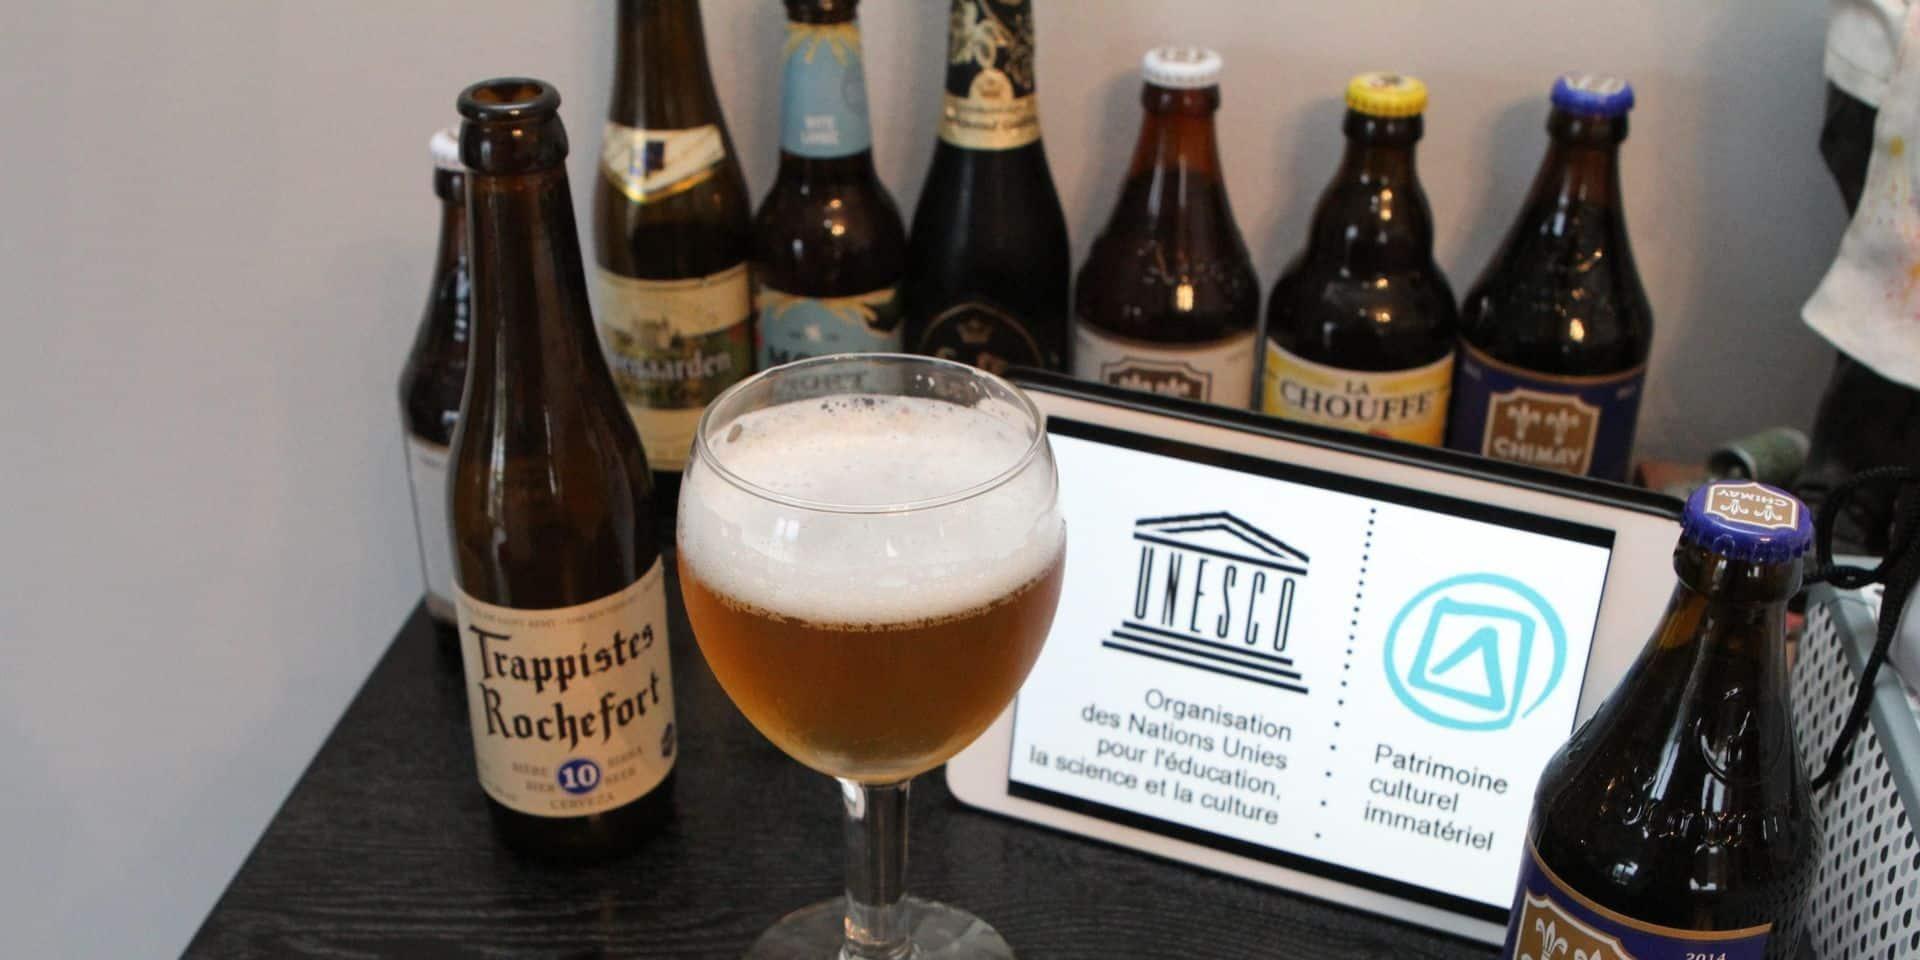 Les bières belges sont reconnues au patrimoine immatériel de l'UNESCO.